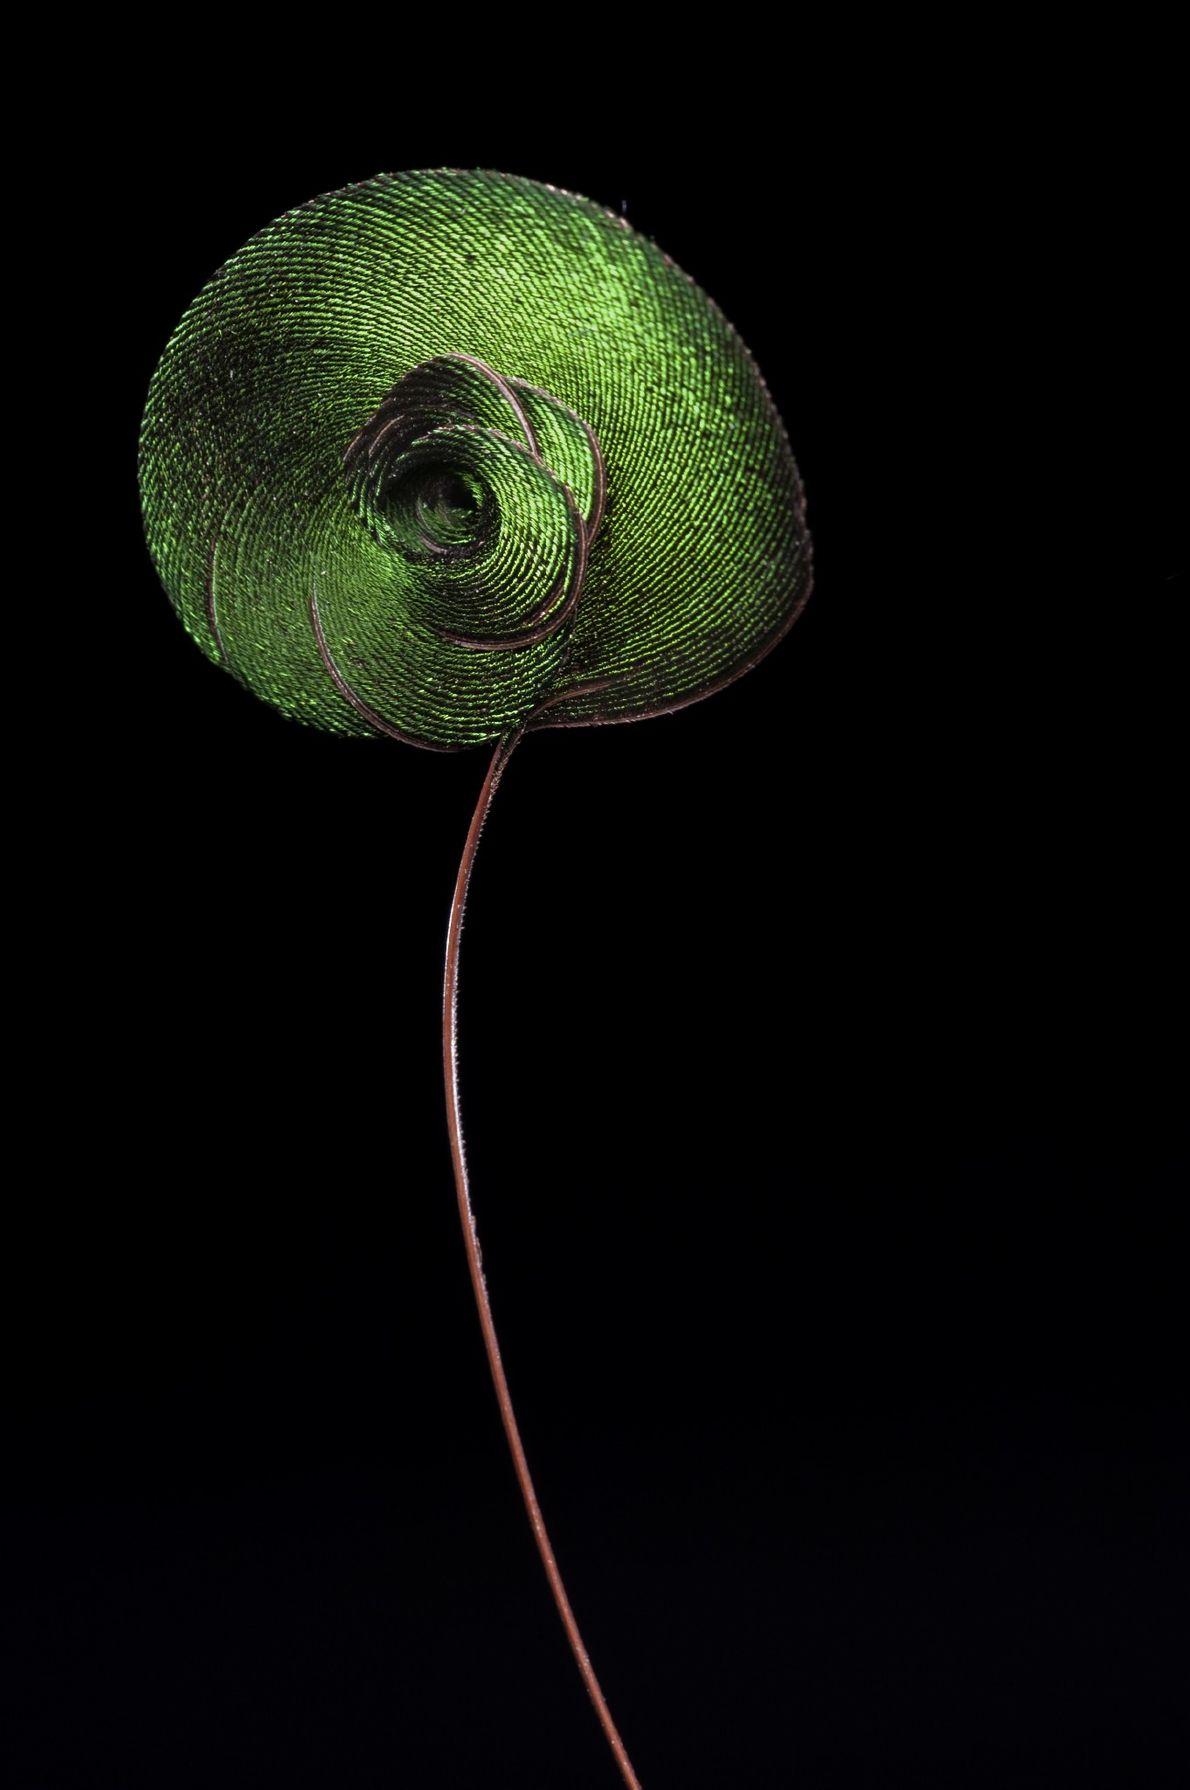 Una única pluma en espiral de un ave del paraíso real (Cicinnurus regius)—vienen de a pares ...